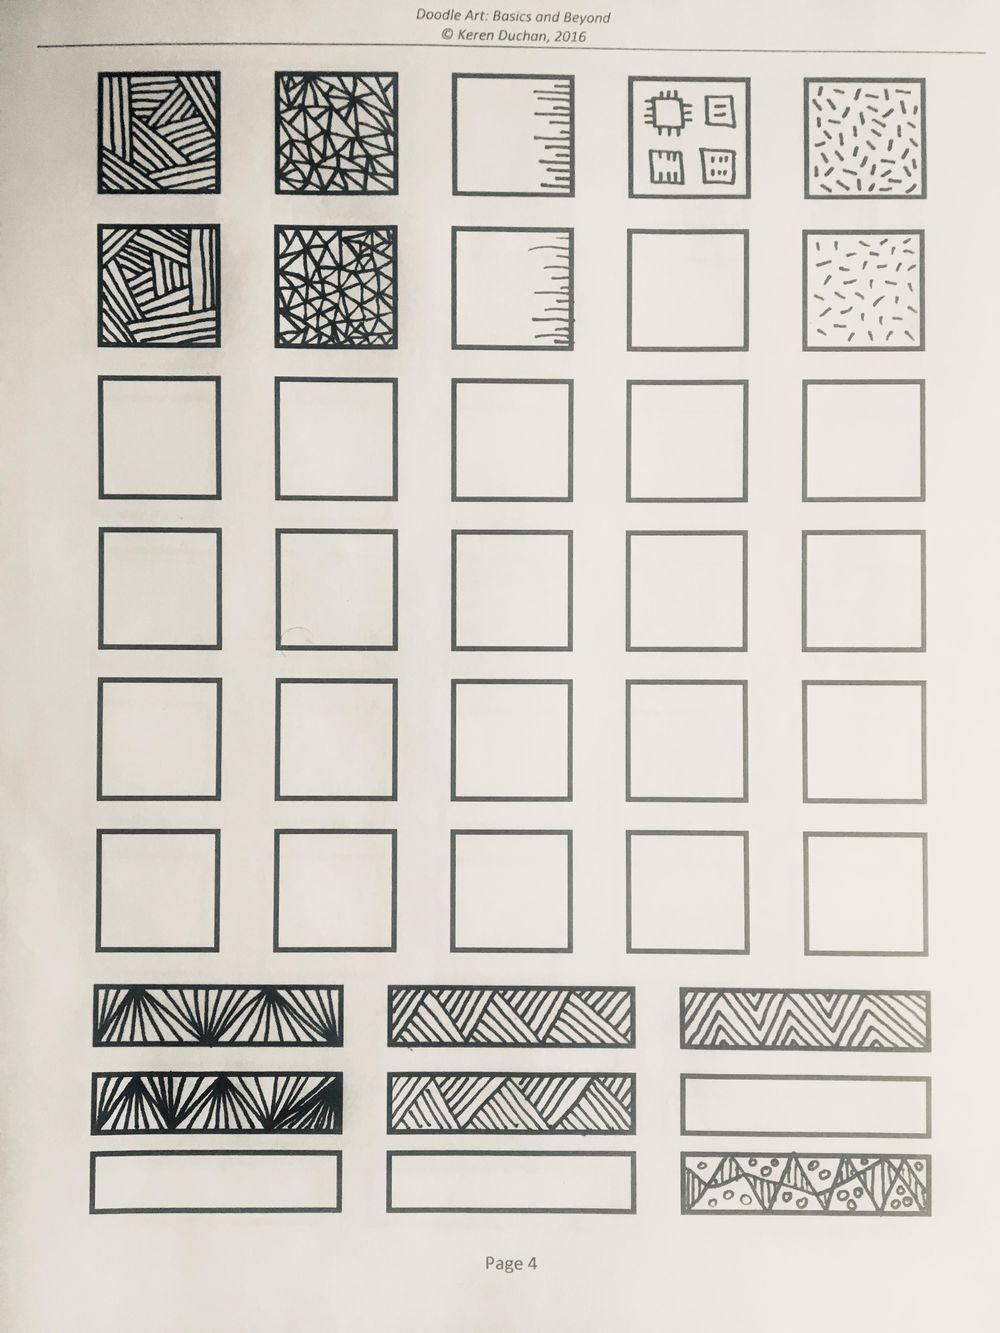 Seun's doodles - image 4 - student project